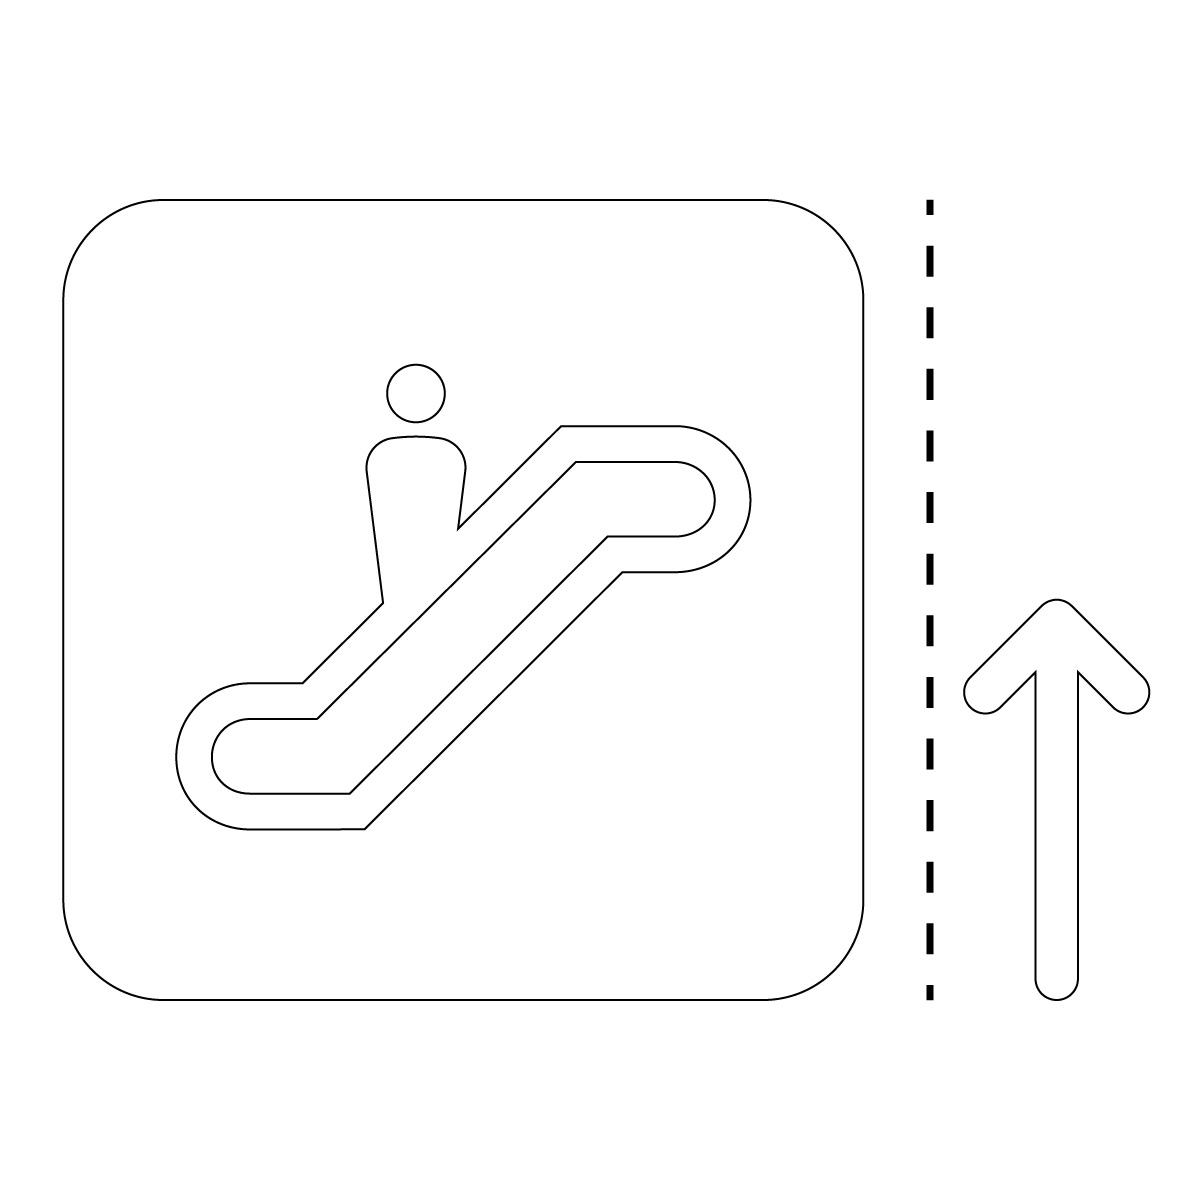 白色のエスカレーター案内マーク(矢印付き)のカッティングステッカー・シール